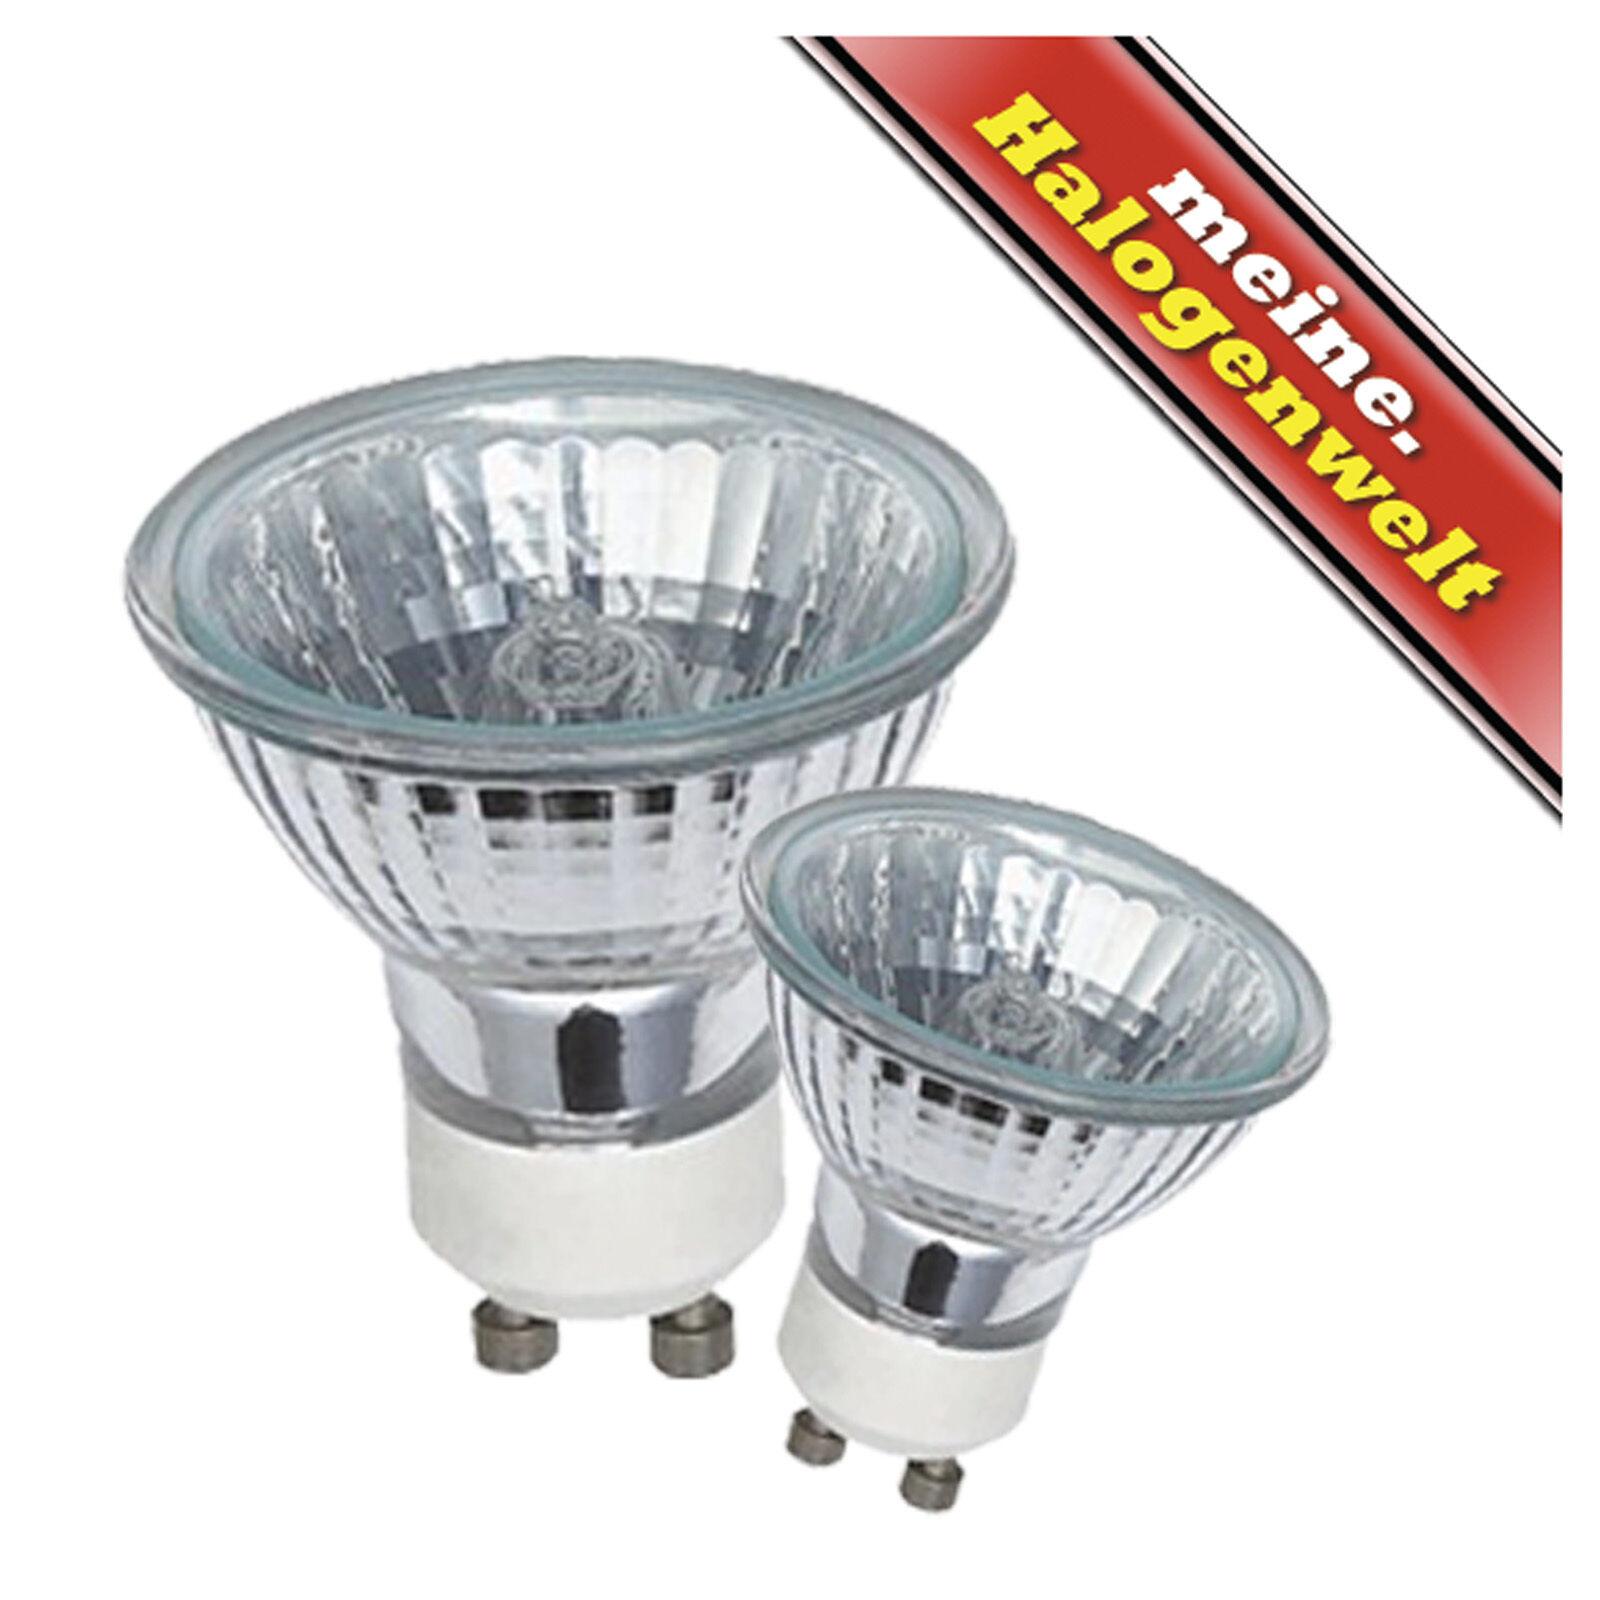 3x Halogen-Leuchtmittel GU10 20W-35W-50W 230V Halogen-Strahler Lampe Fassungen